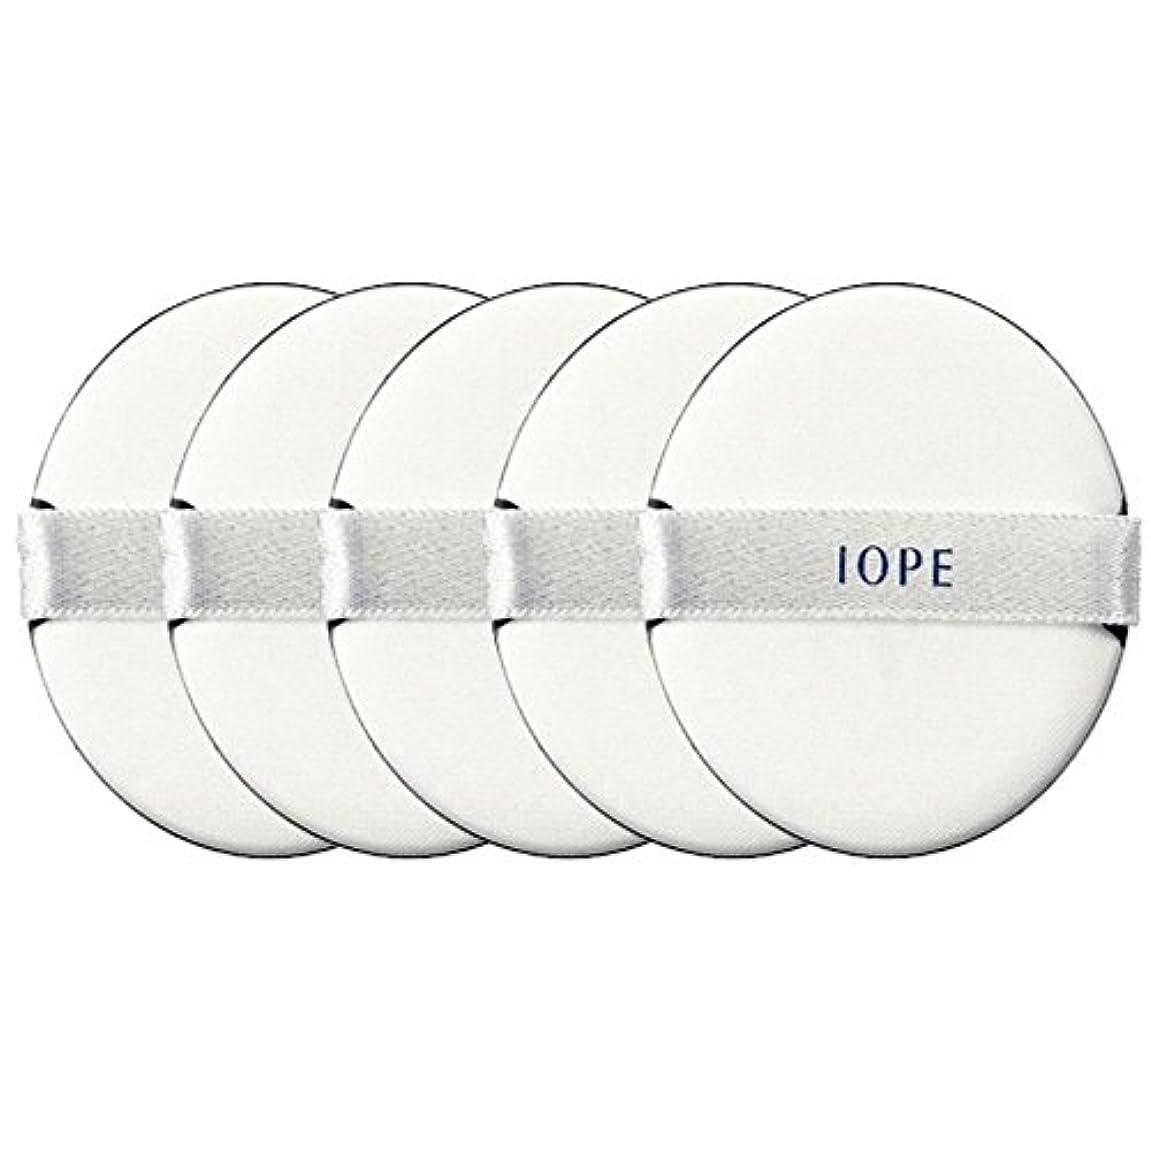 ロッジ大洪水ランク[IOPE] パフ / アイオペエアークッションサンブロック専用のパフ5枚セット [並行輸入品]